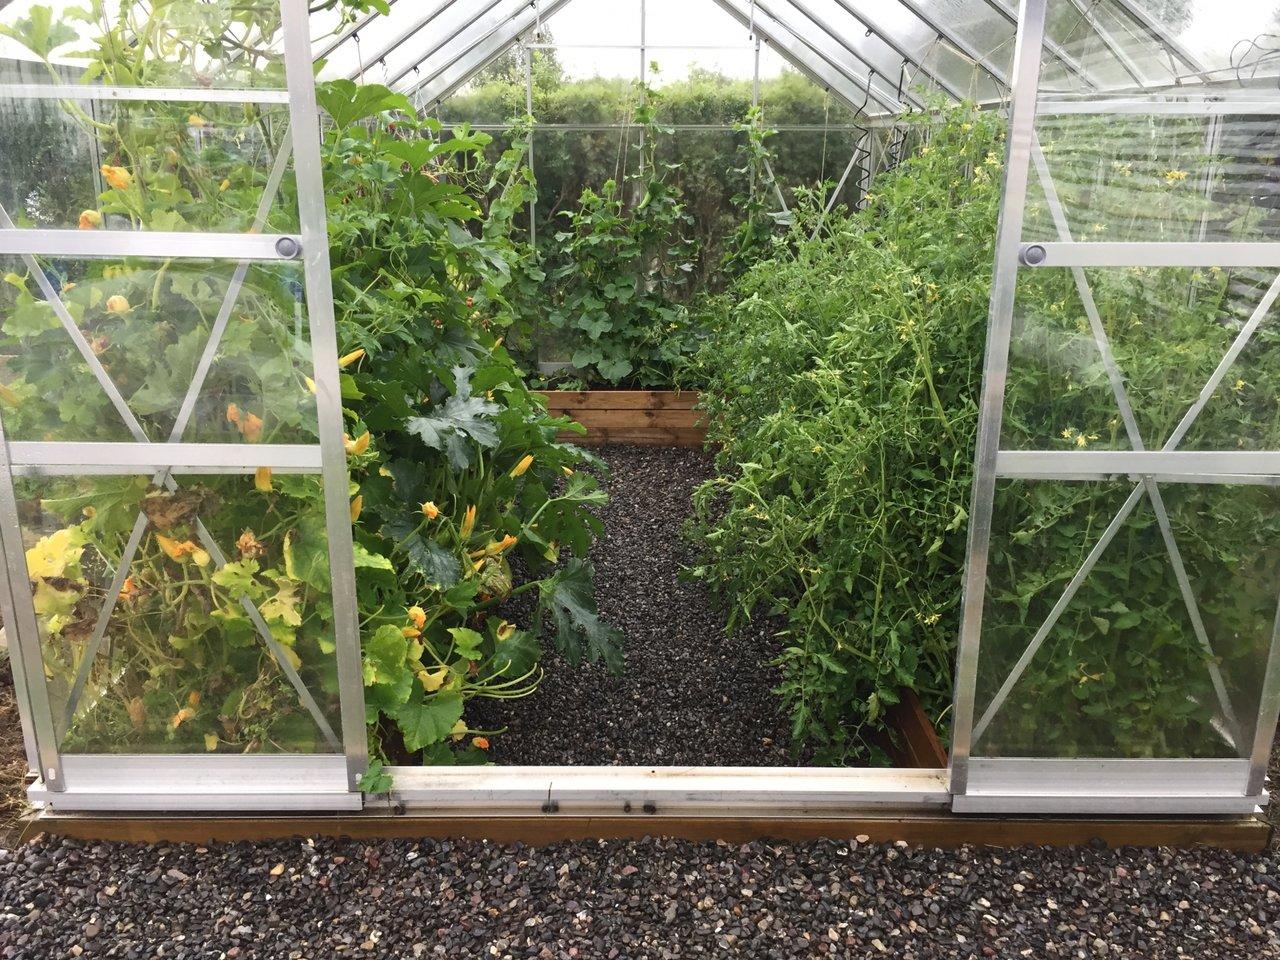 snyggt i växthuset